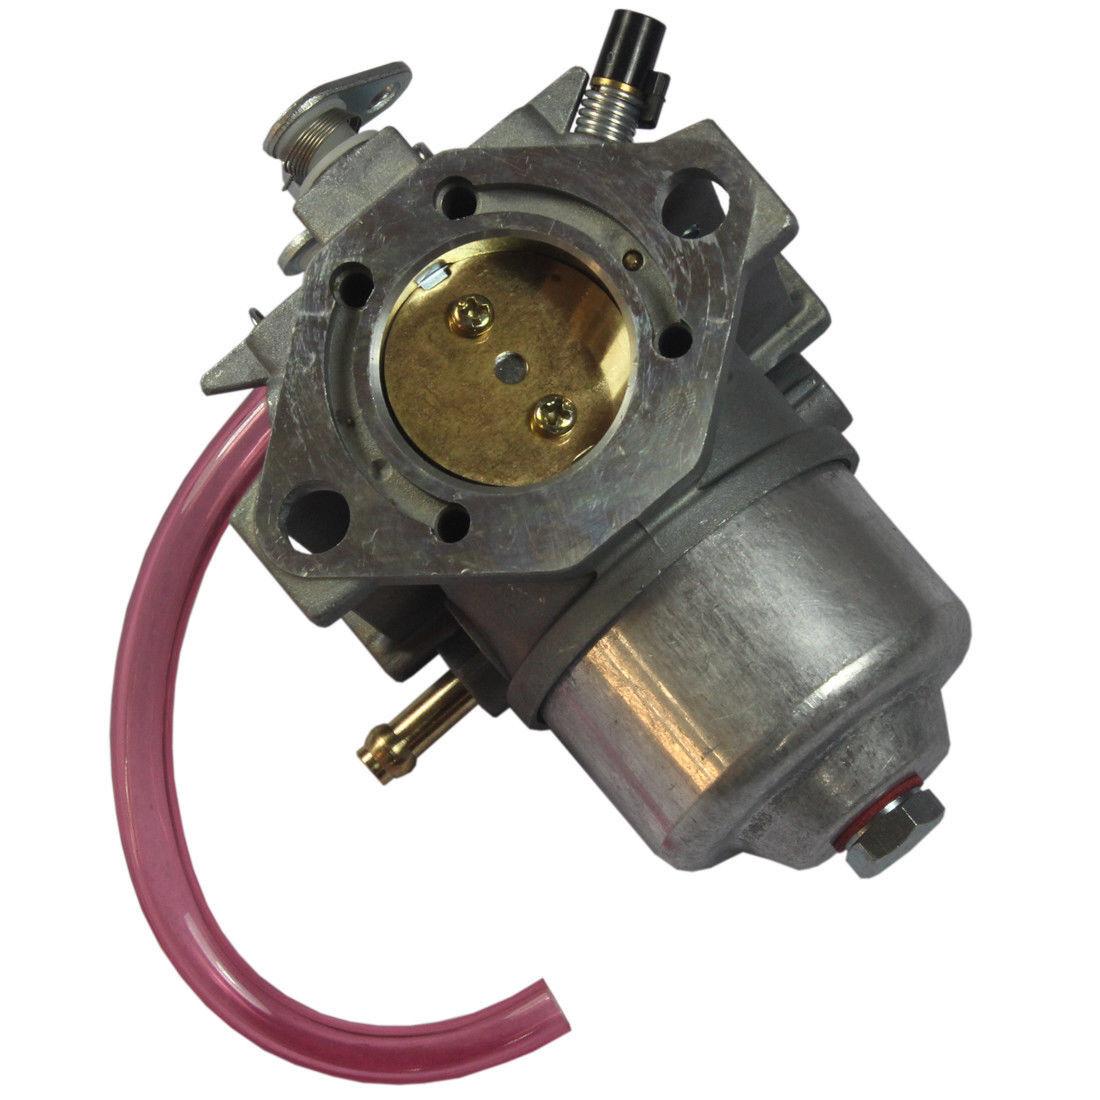 Cocheburador CocheB am122852 para John Deere 17 HP gs75 hd75 180 185 260 265 tractores